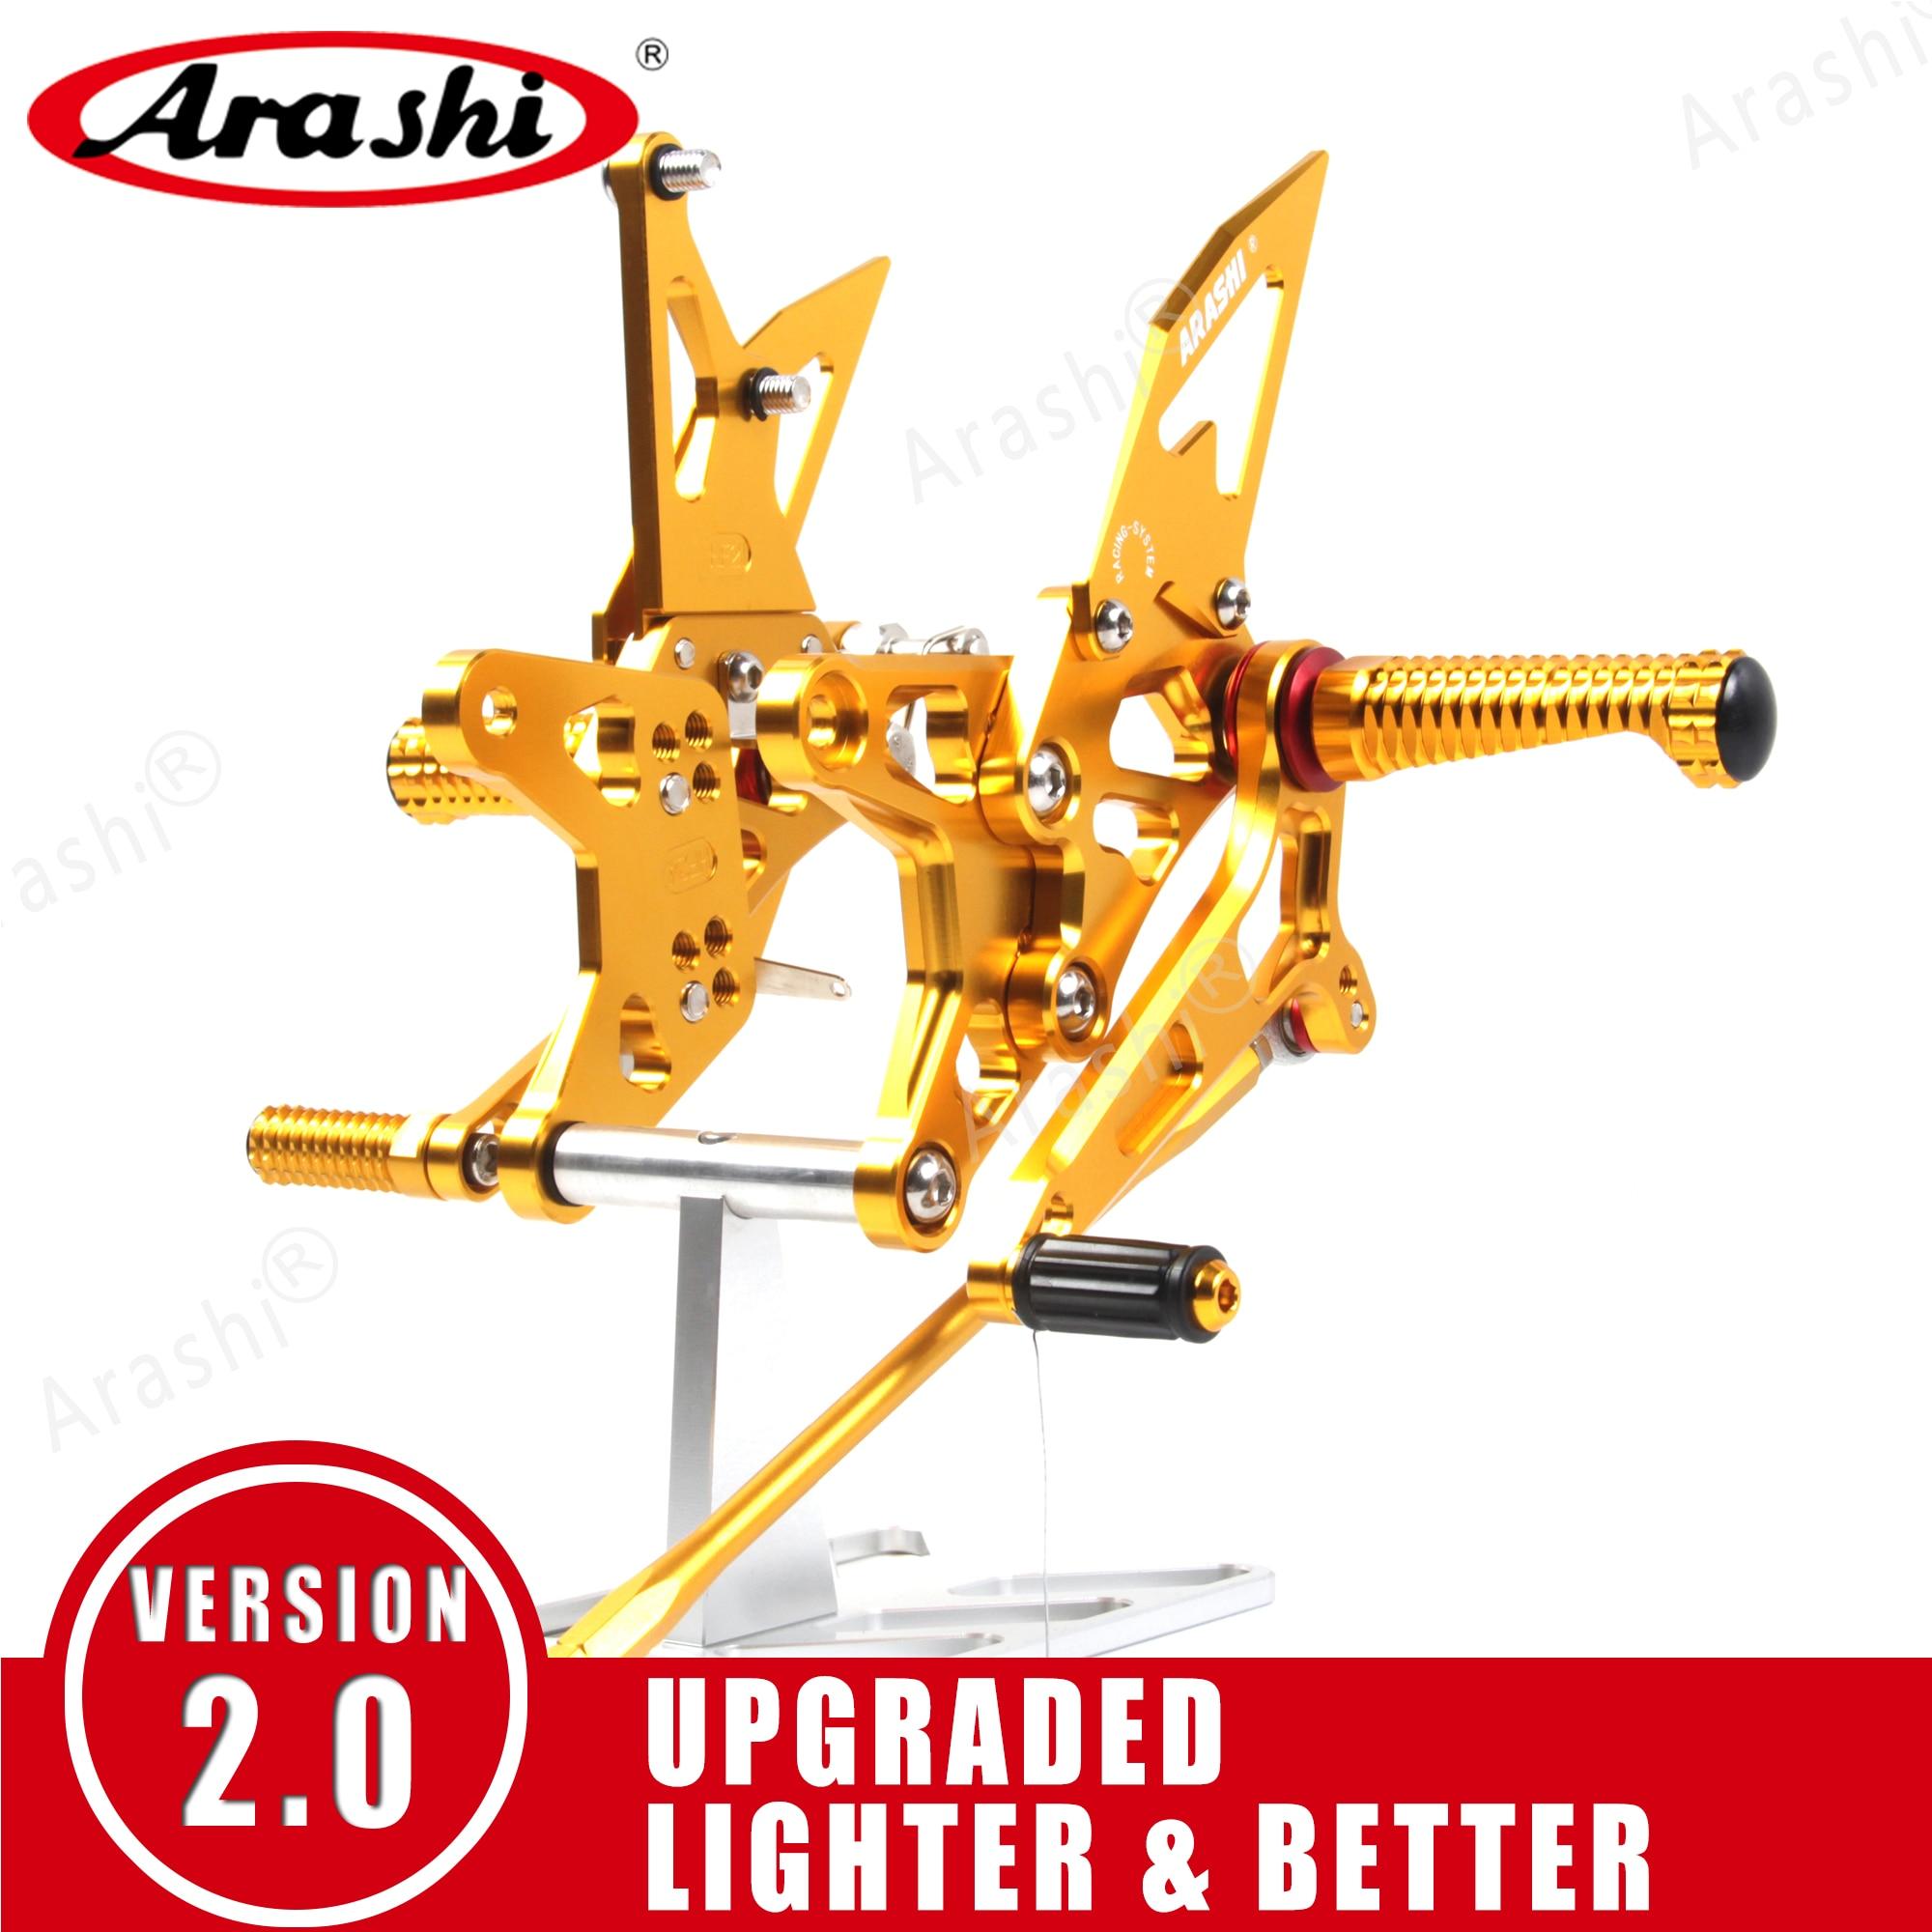 Arashi For HONDA CBR600RR 2003 - 2016 CNC Adjustable Rearset Foot Pegs Motorcycle Footrest CBR 600 CBR600 RR  2012 2013 2014